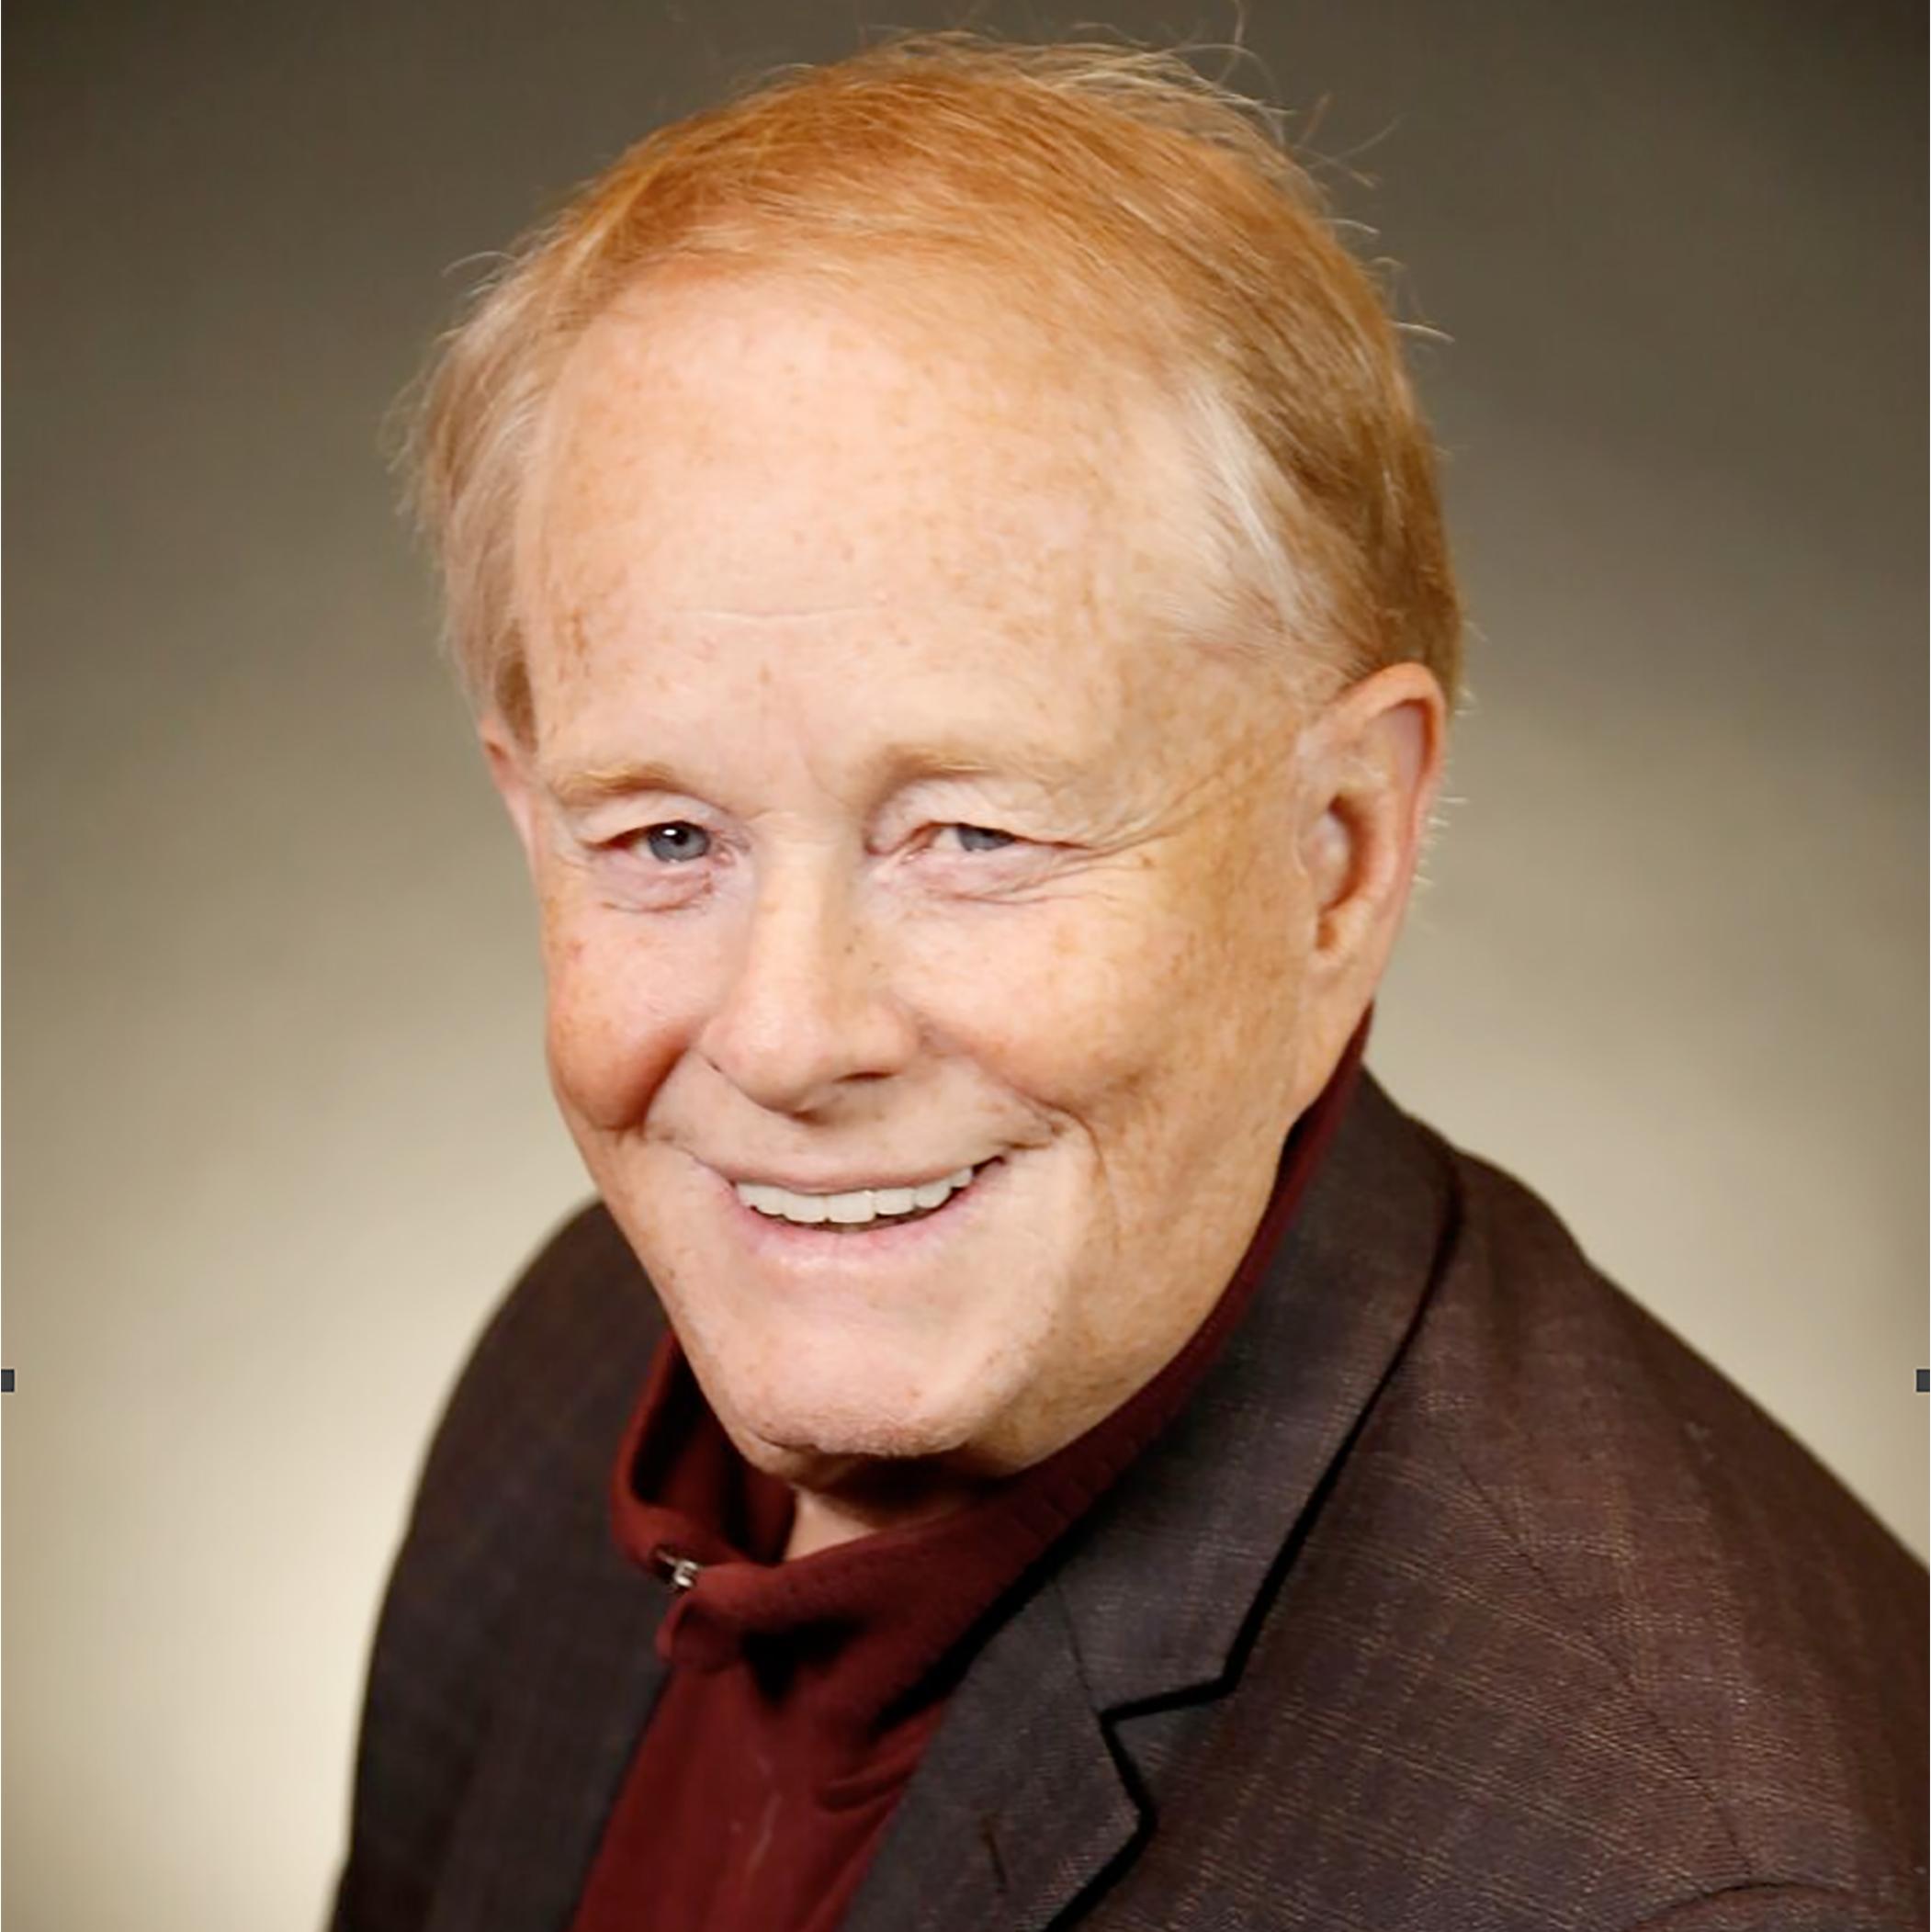 Michael O'Shea Headshot